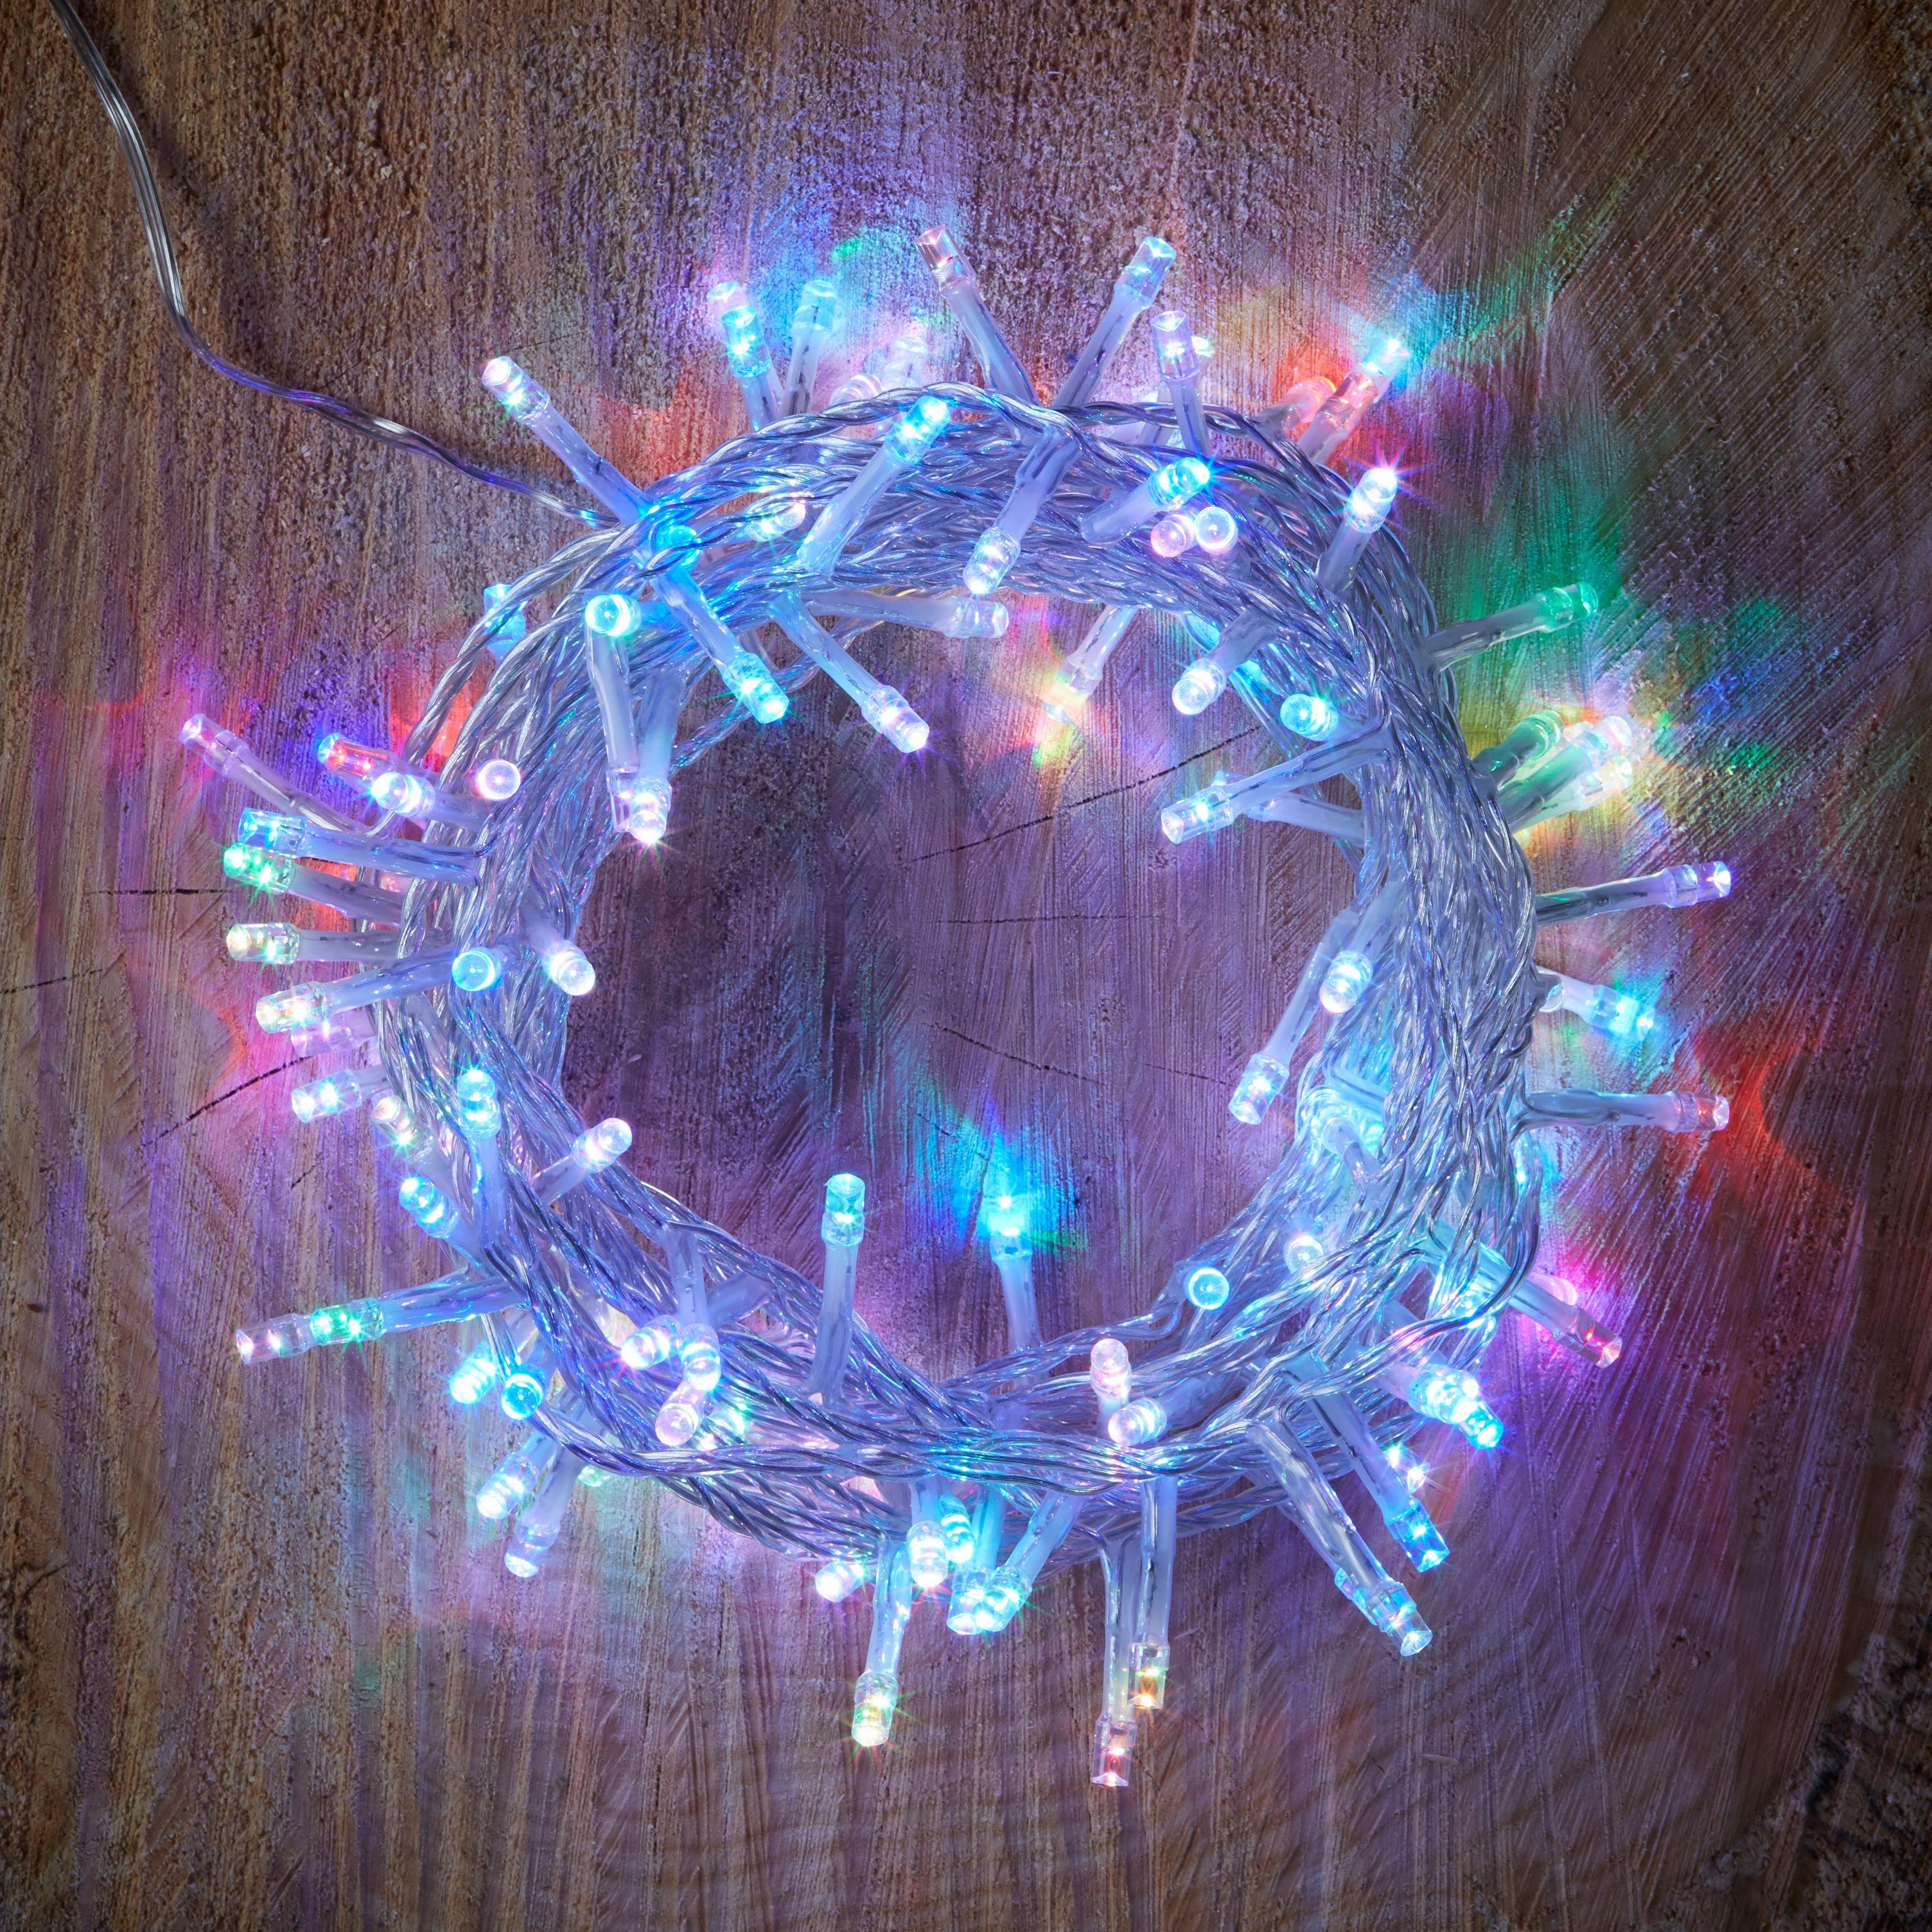 Changing Christmas Lights